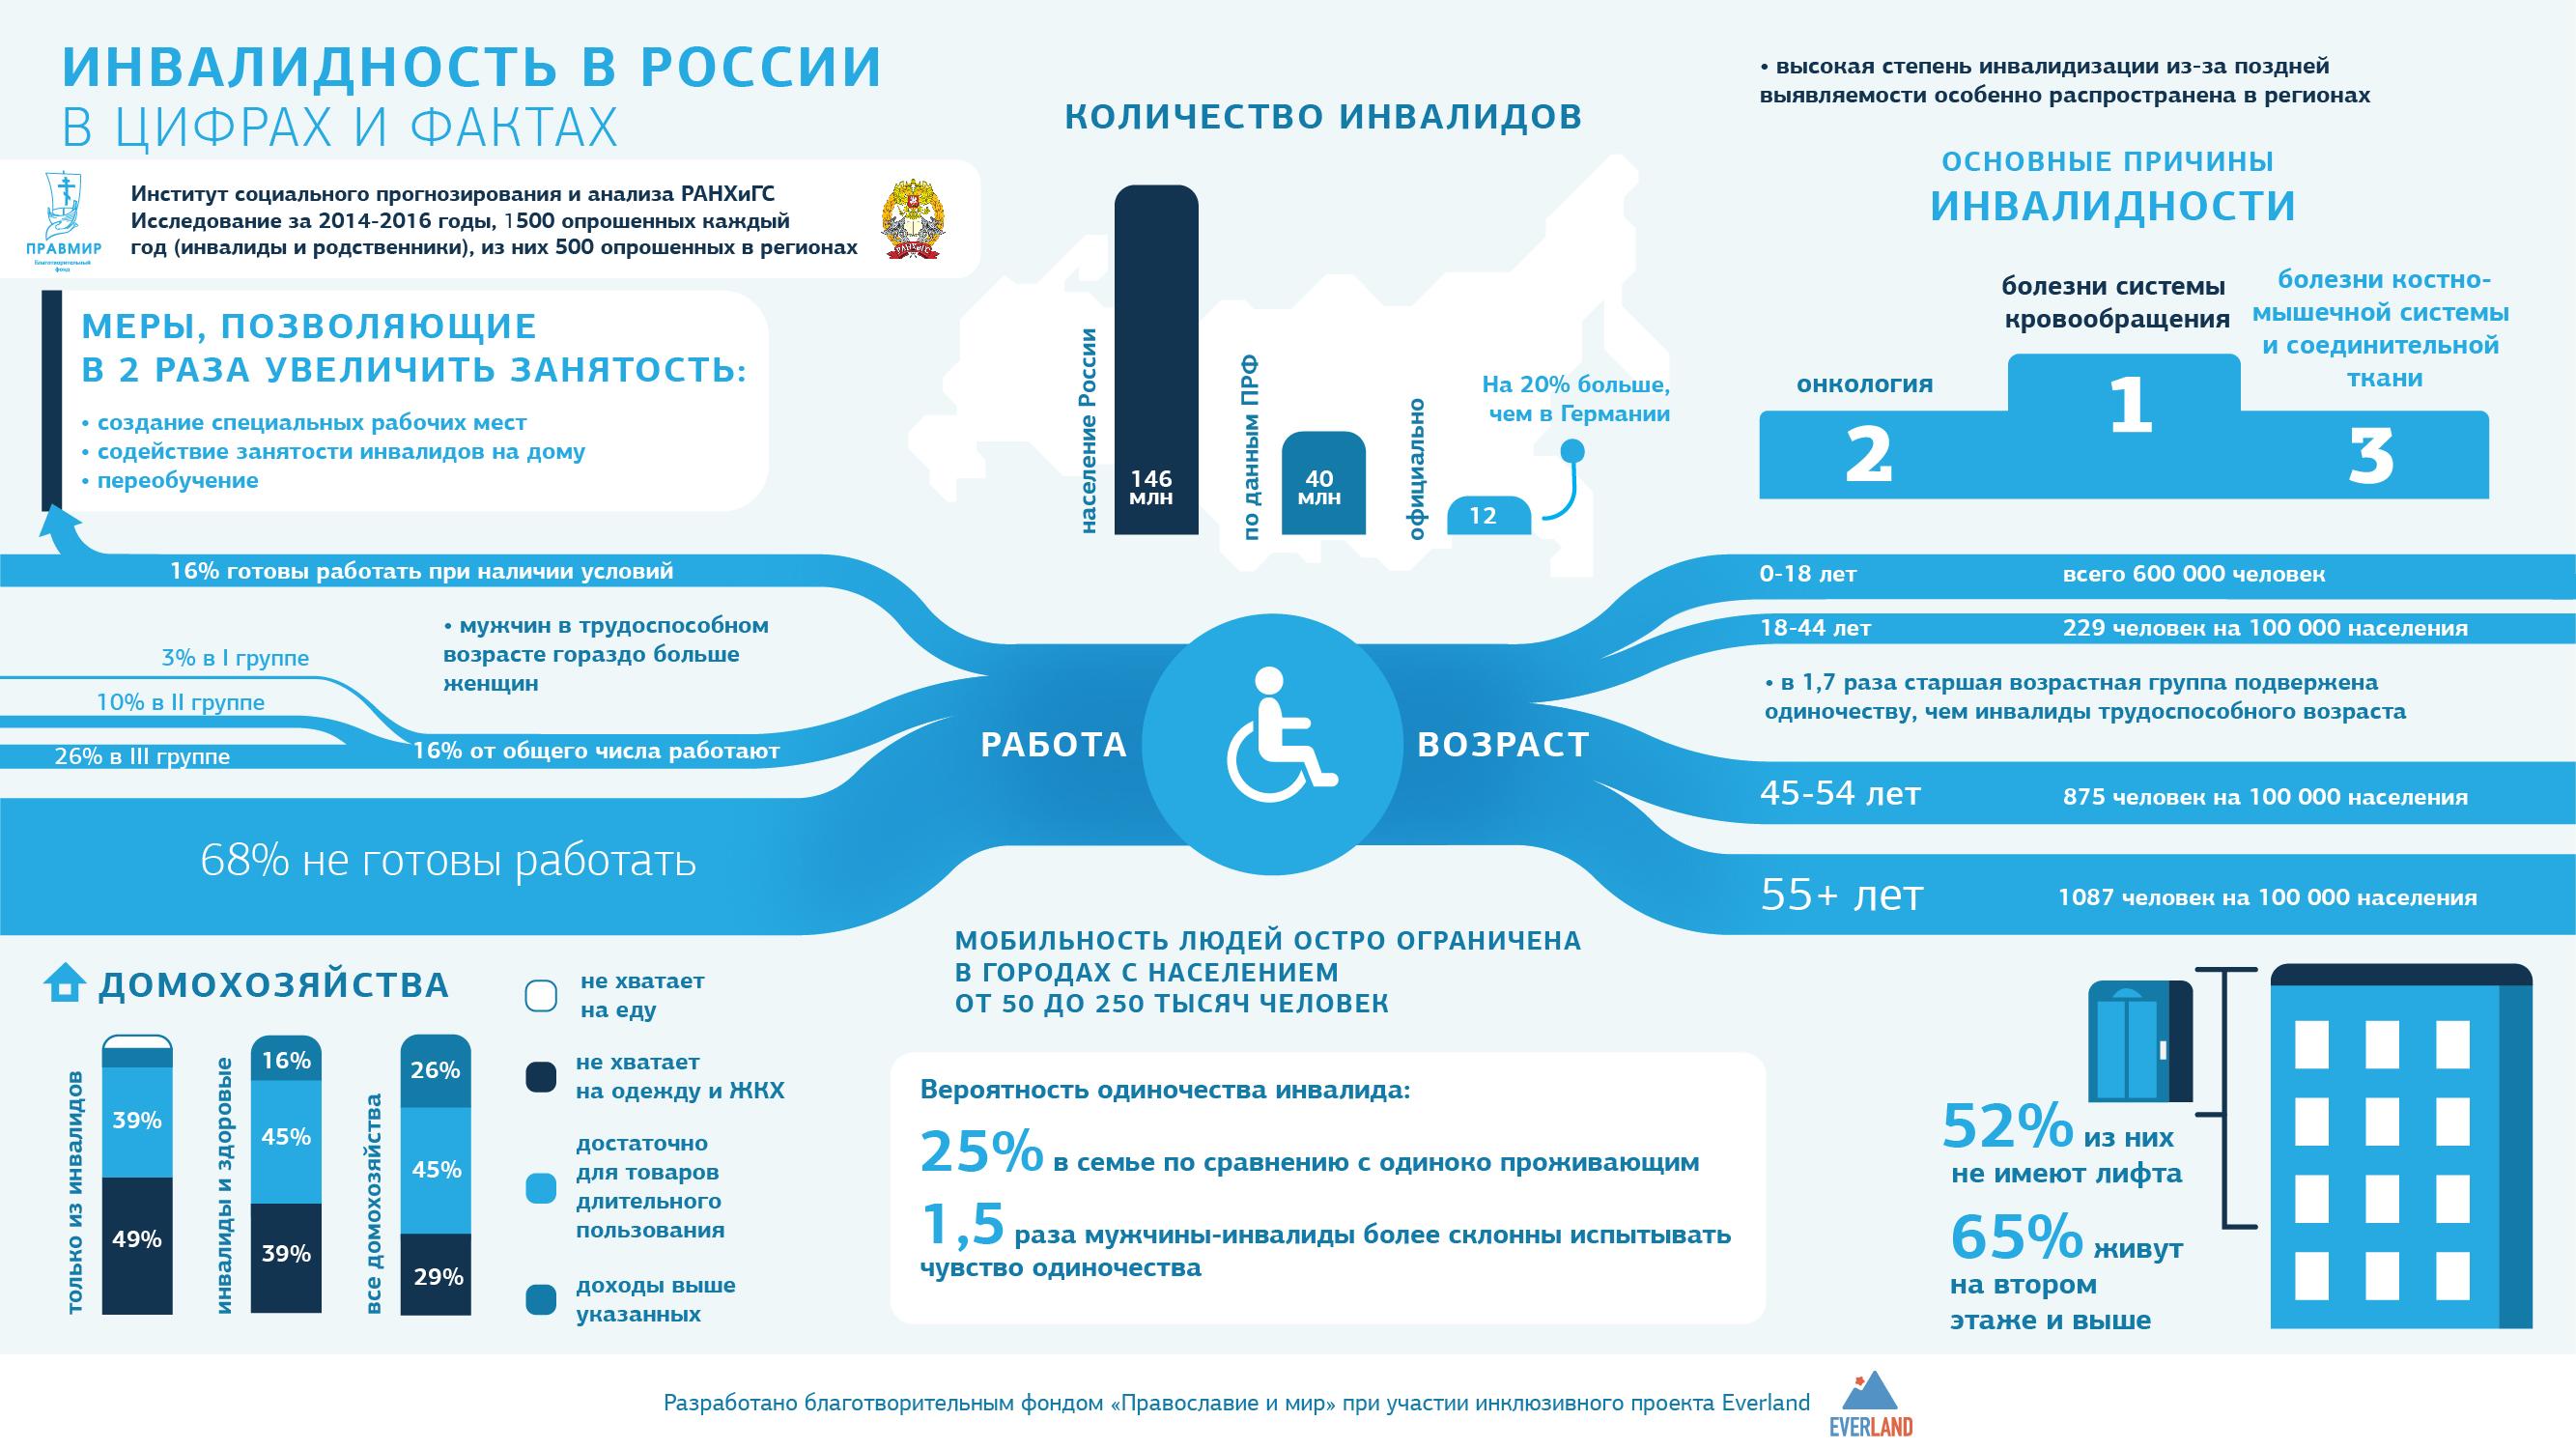 Размер выплат опекуну за опекаемого с инвалидностью